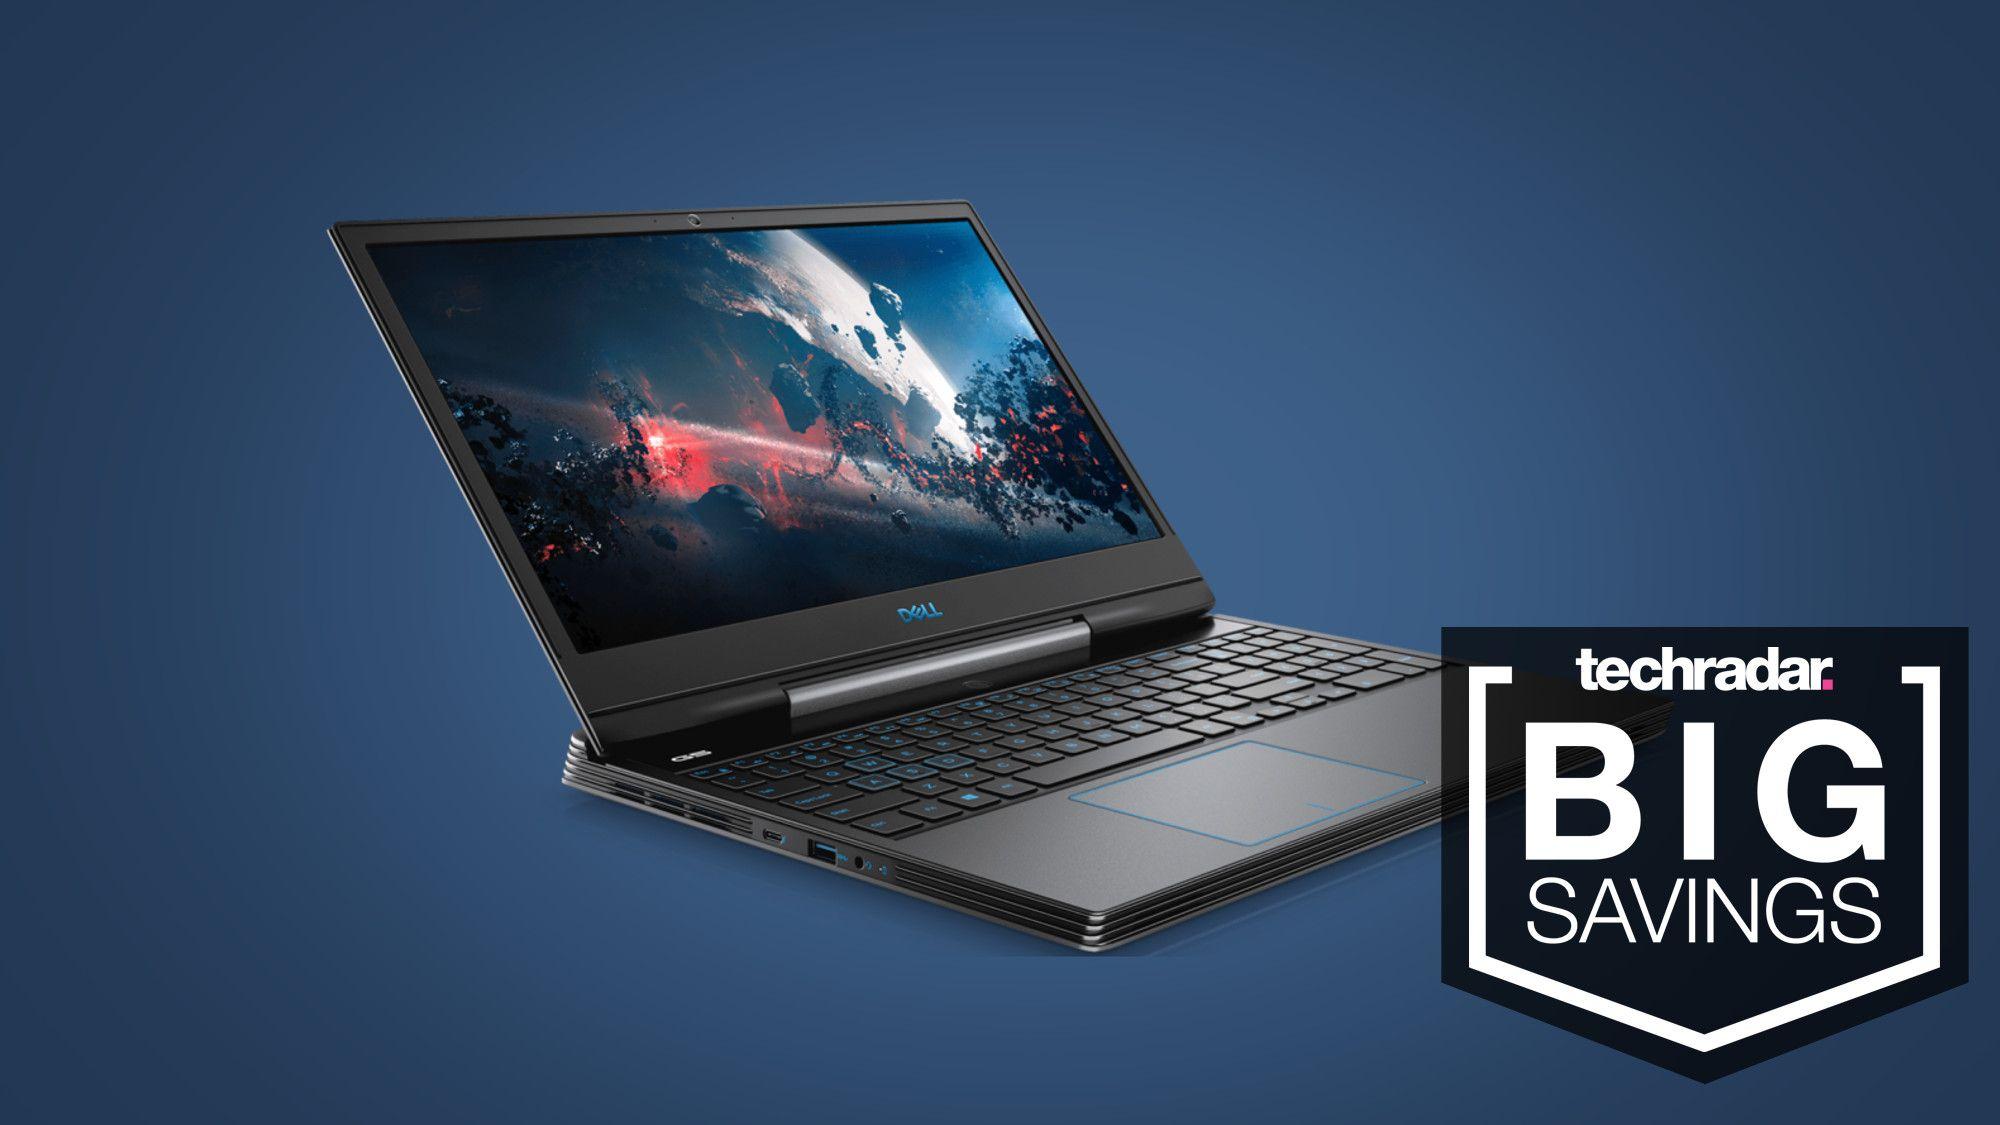 Techradar Uk Laptops